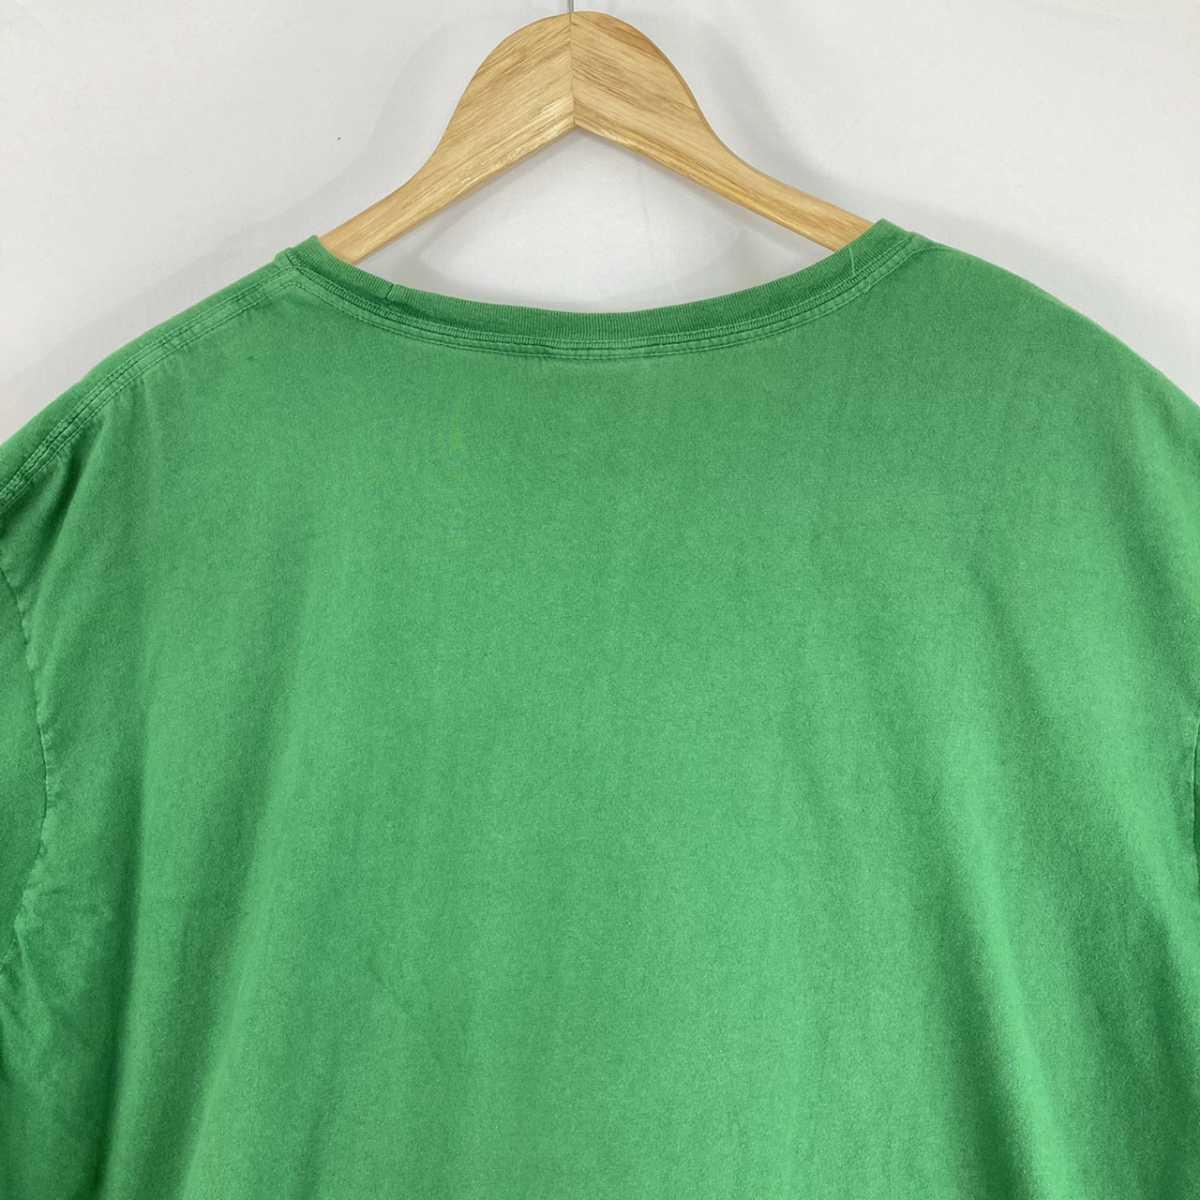 【人気カラー】ラルフローレン Tシャツ 刺繍ロゴ 緑 グリーン 古着 XXL_画像8